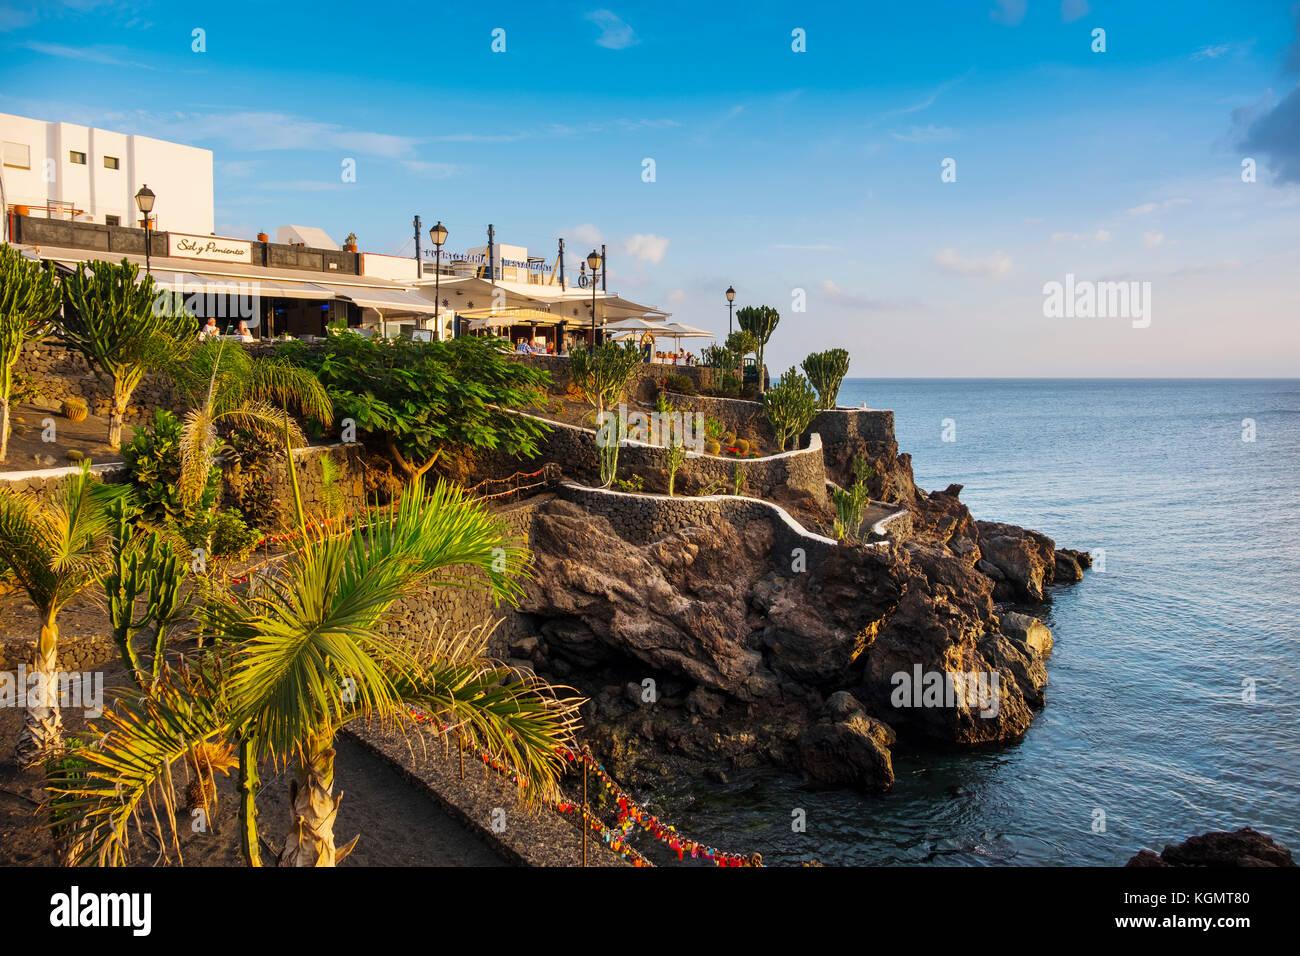 Puerto del carmen lanzarote stock photos puerto del carmen lanzarote stock images alamy - Port del carmen lanzarote ...